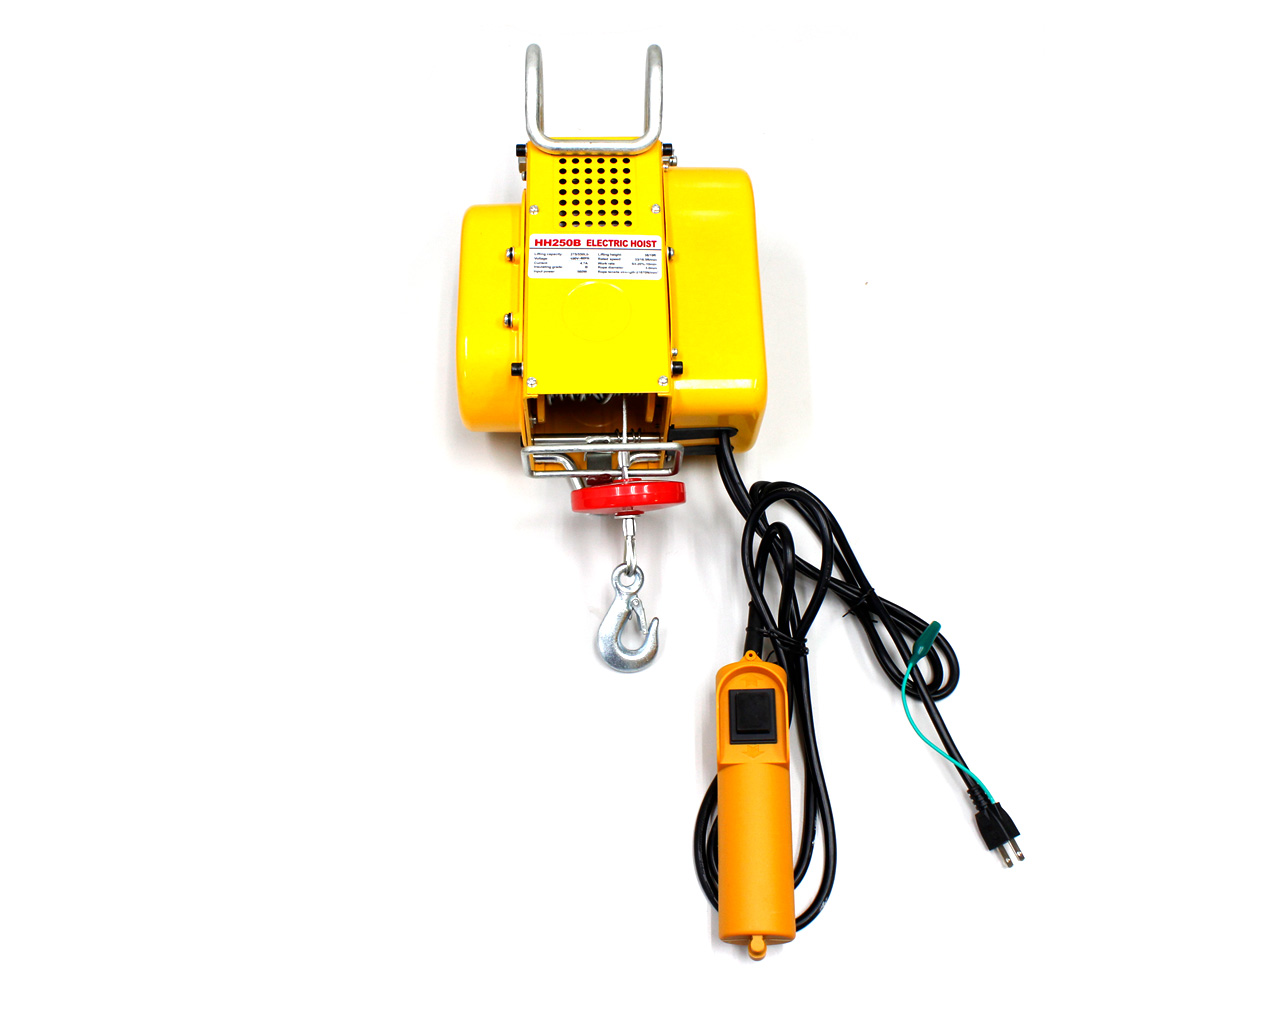 【スーパーSALE特価】家庭用100V60Hz電動ウインチ(ホイスト)(最大能力250kg)